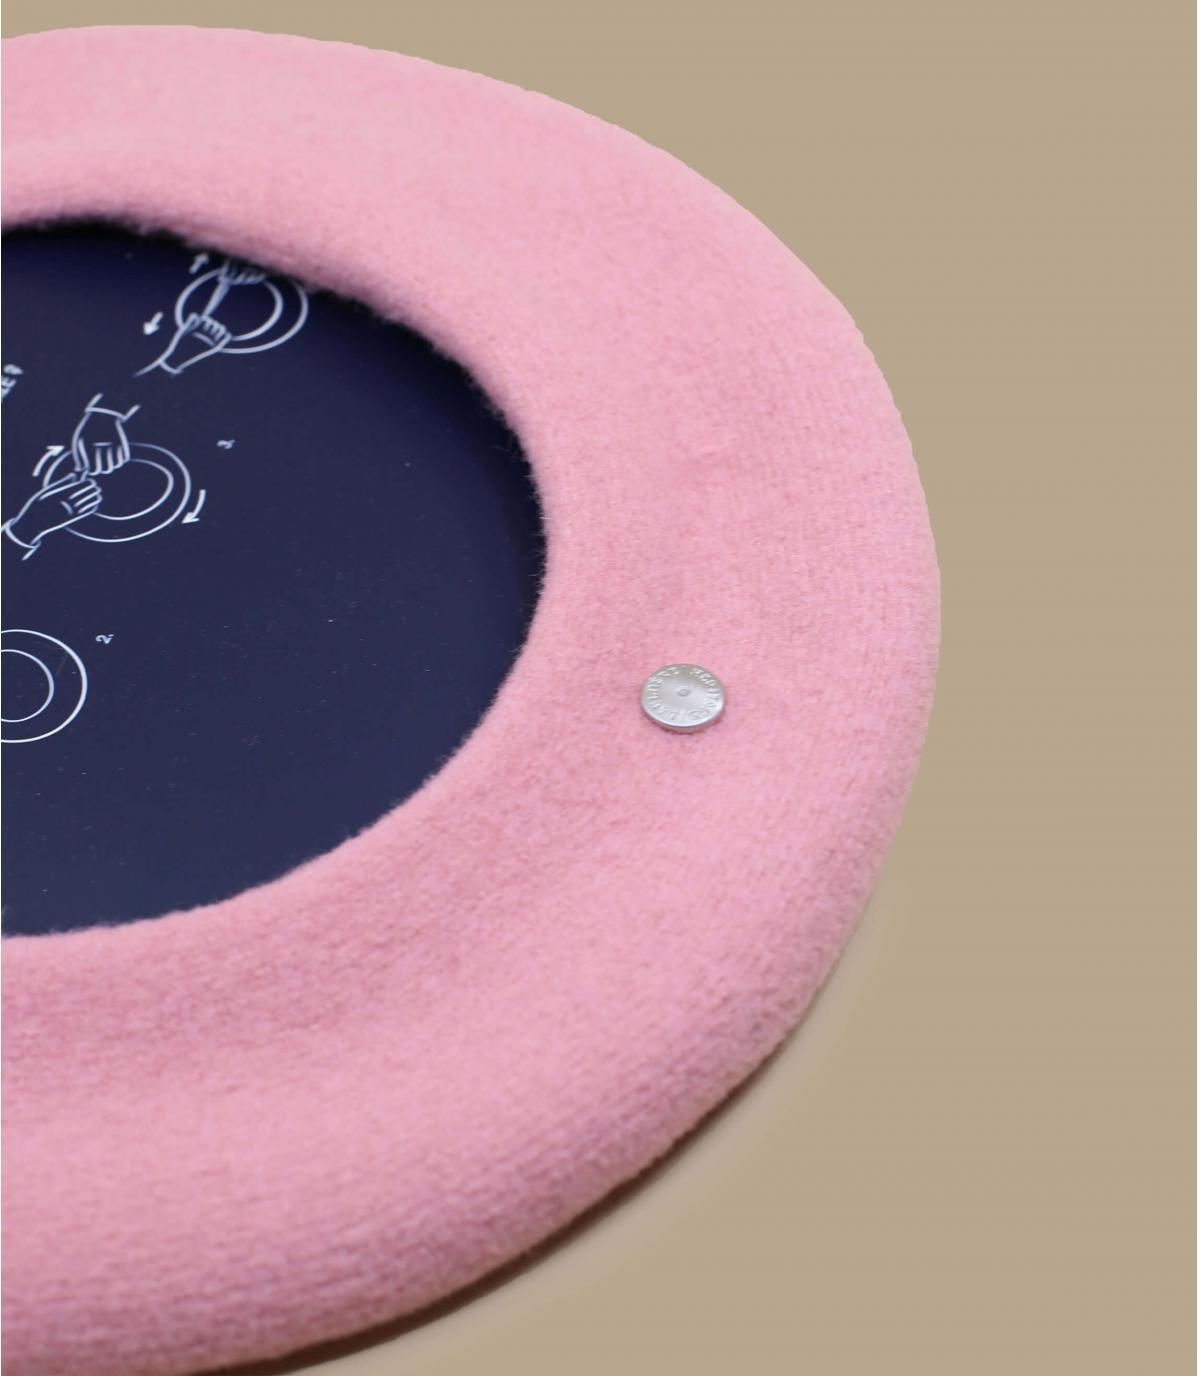 Detalles Authentique bubble gum imagen 3